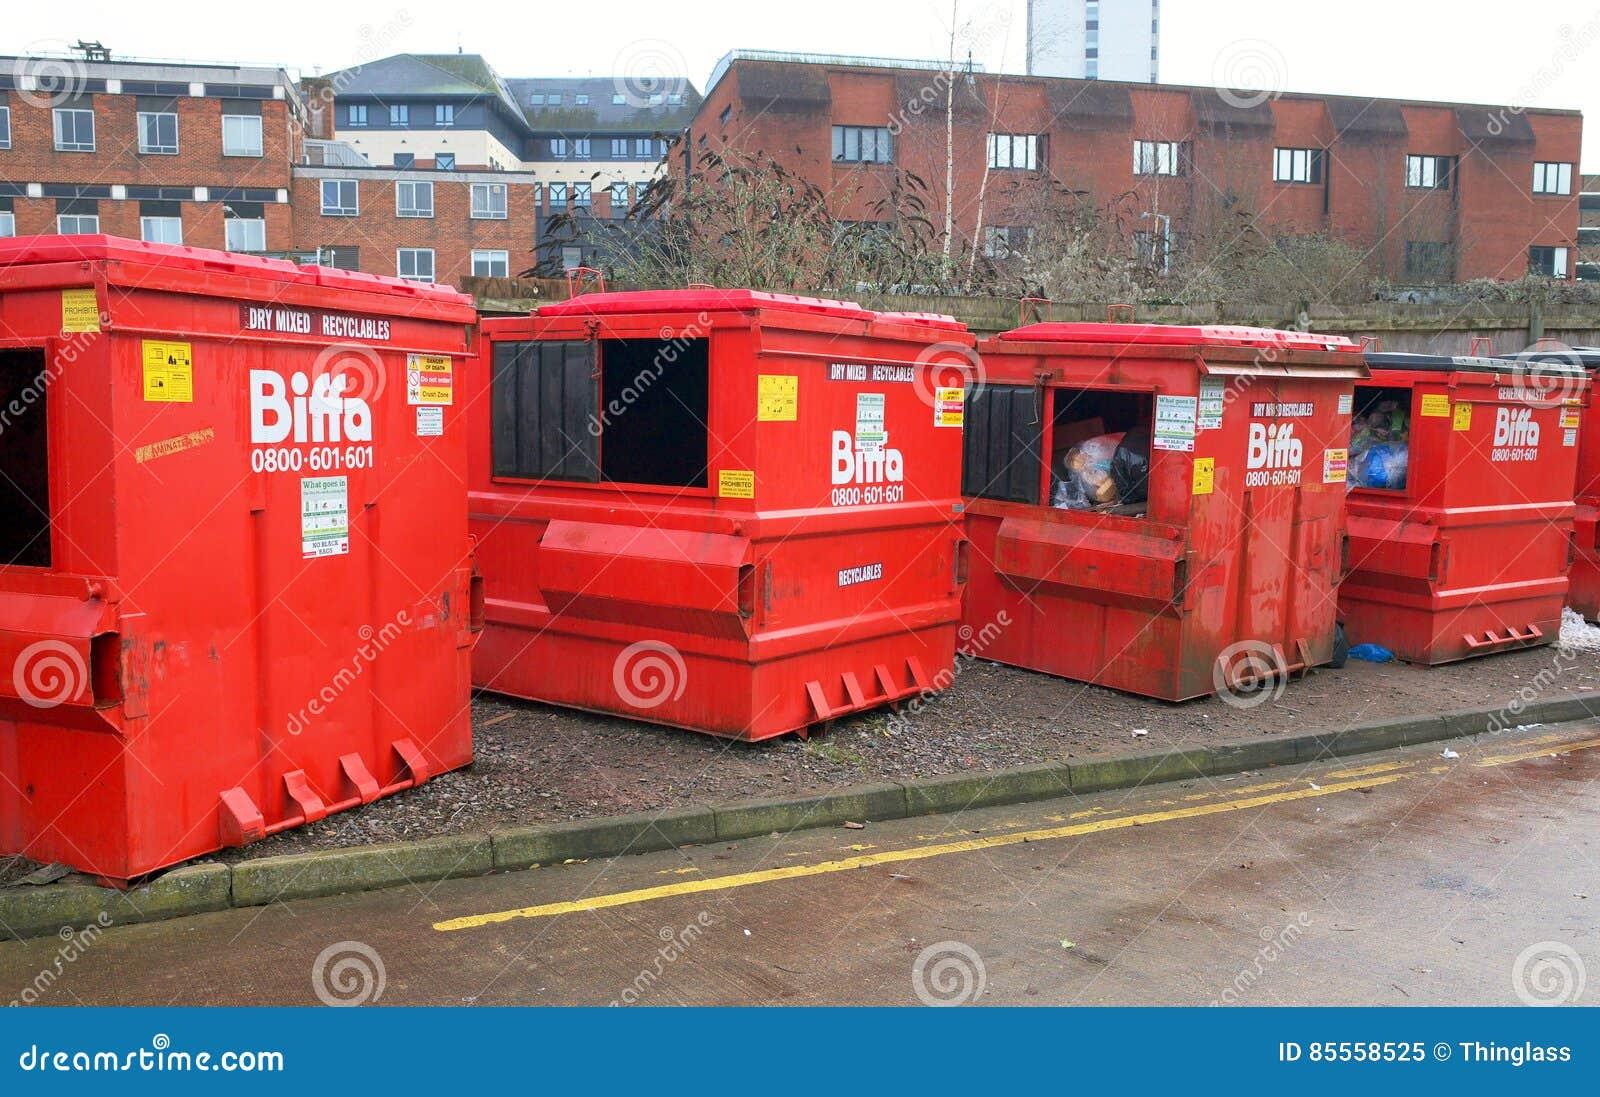 Biffa-Müllabfuhr-Behälter